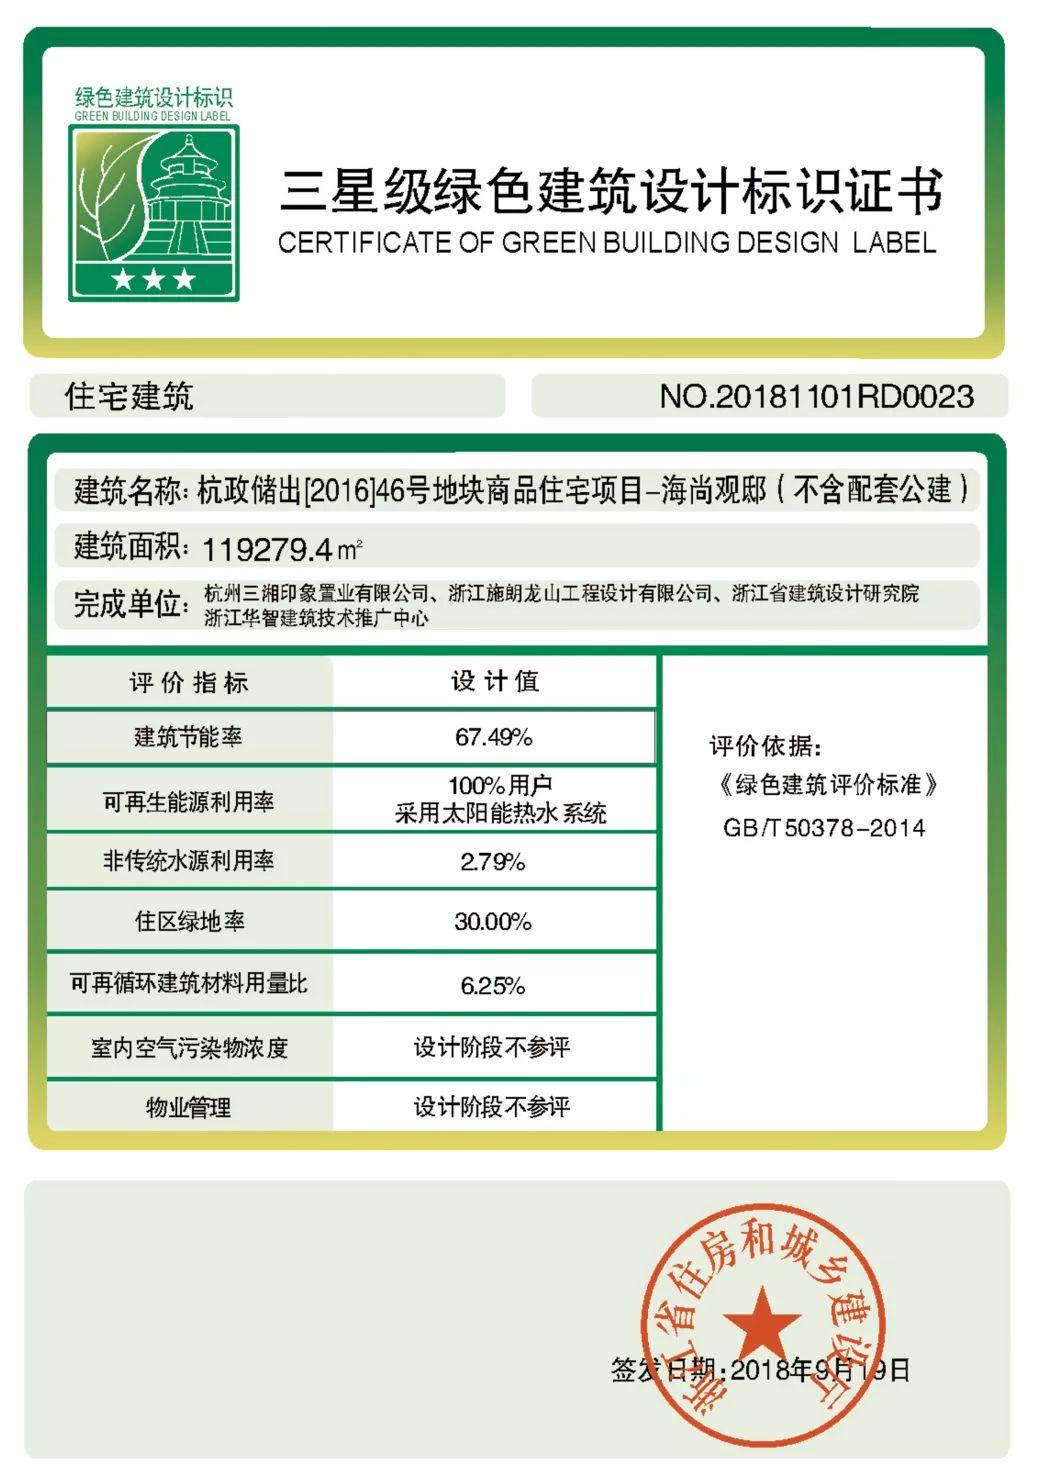 三湘印象·森林海尚榮獲三星級綠色建筑設計最高級別認證!